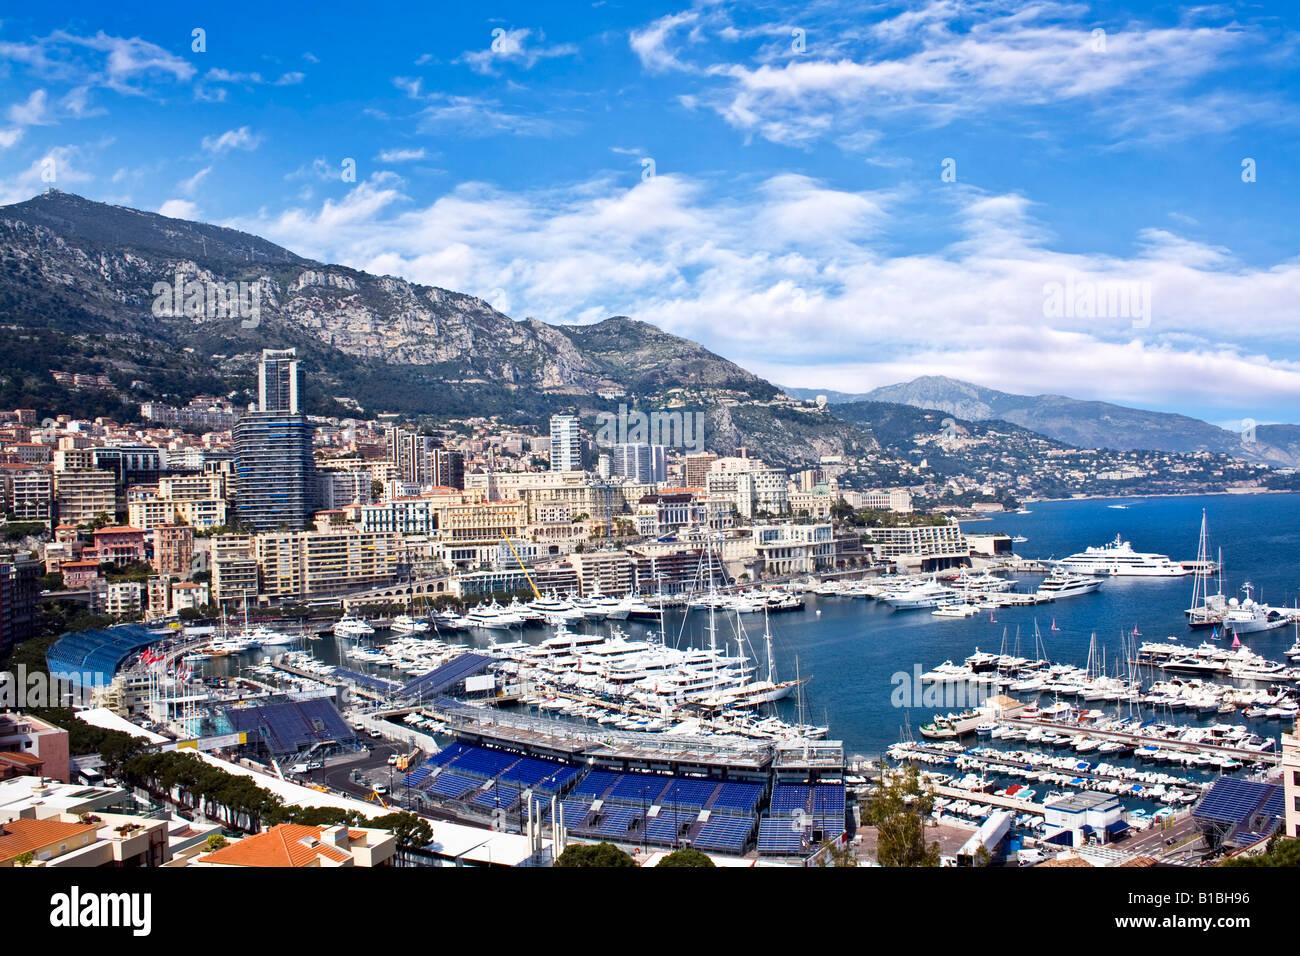 MONACO, MONTE CARLO. View of the Port of Hercules, La Condamine, Monte Carlo, Monaco Stock Photo